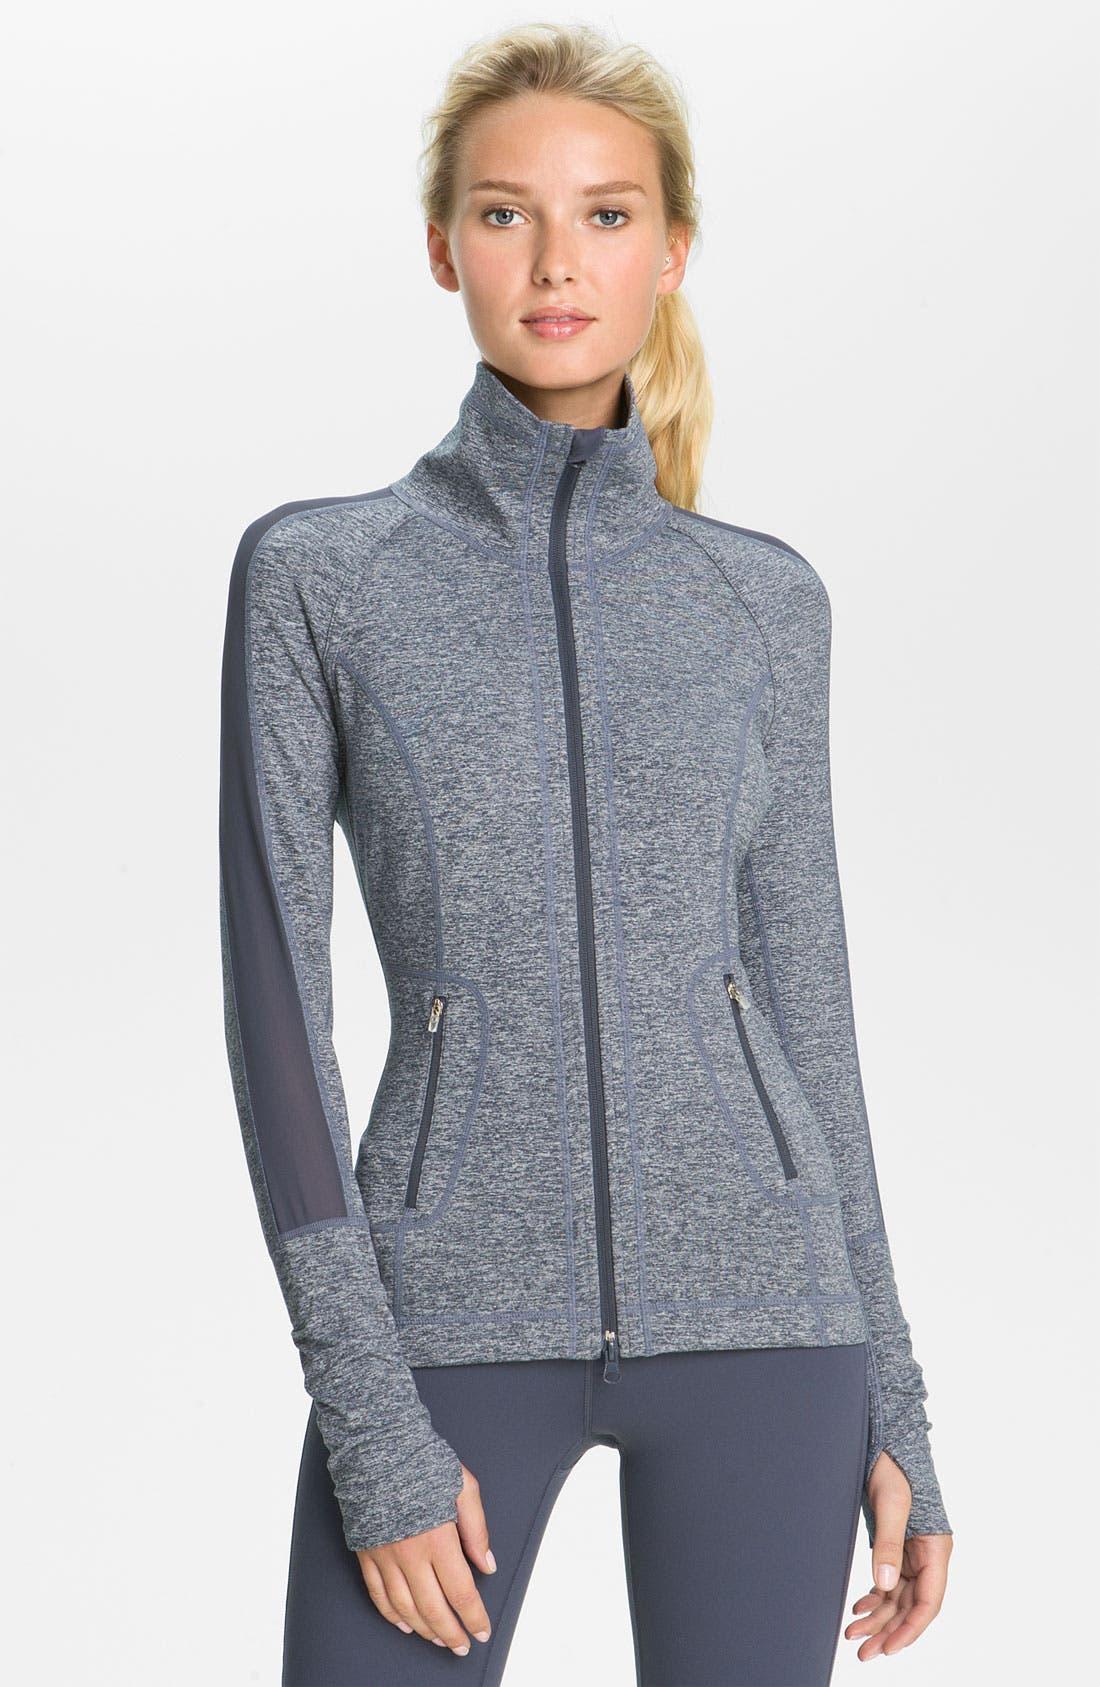 Main Image - Zella 'Glam - Mélange' Jacket